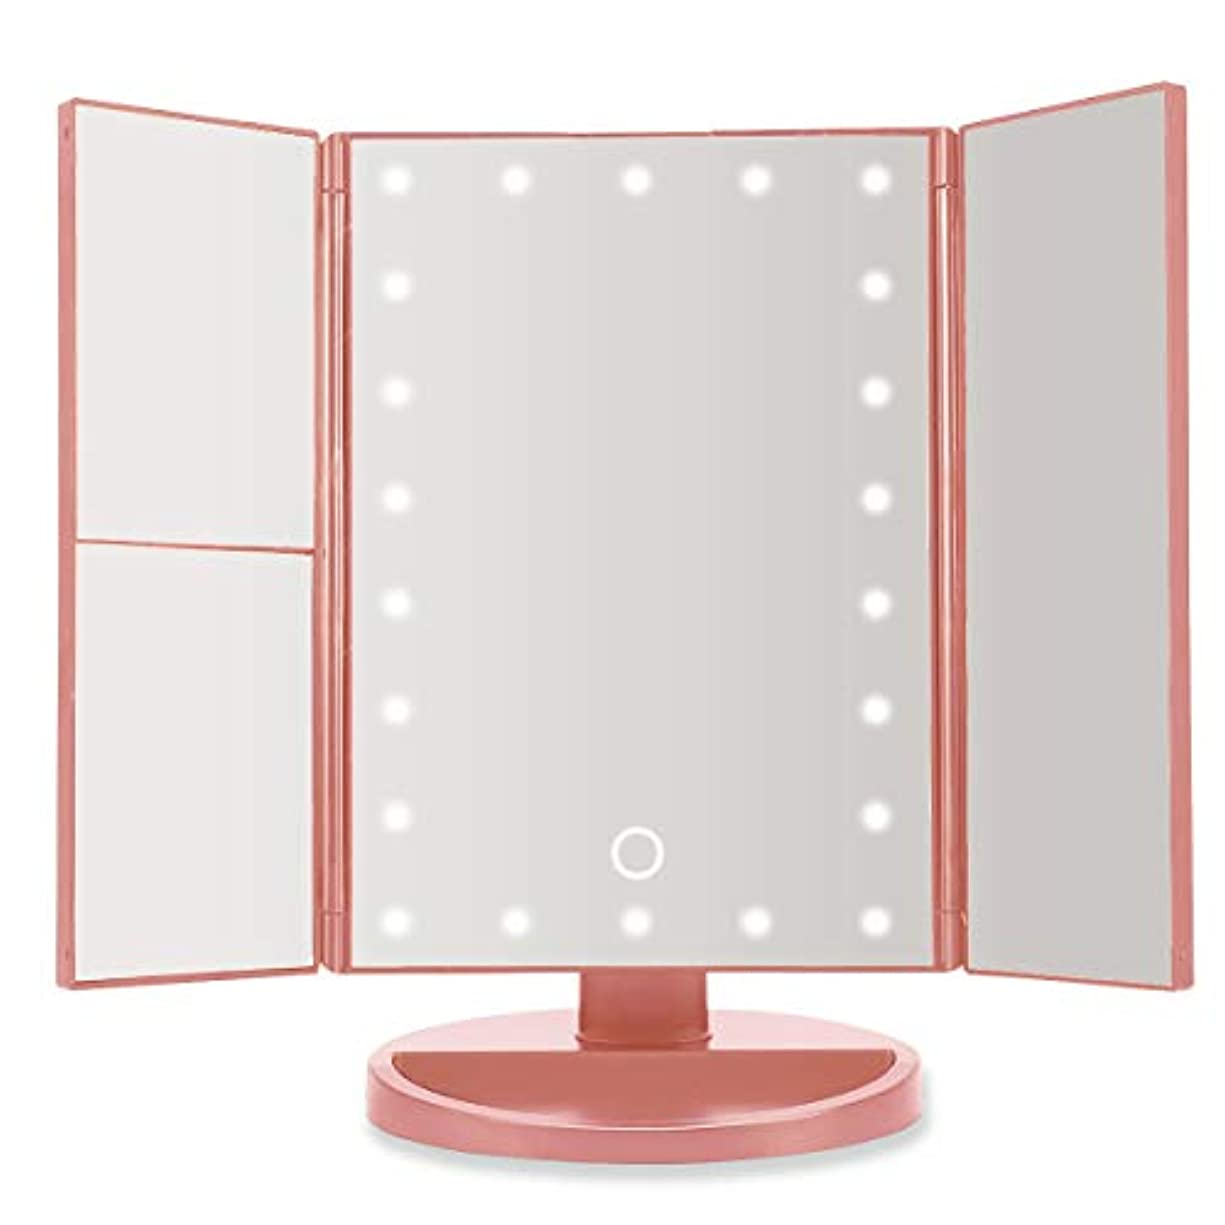 影響征服者ギャップ22LED付き3面鏡卓上女優ミラー ピンク